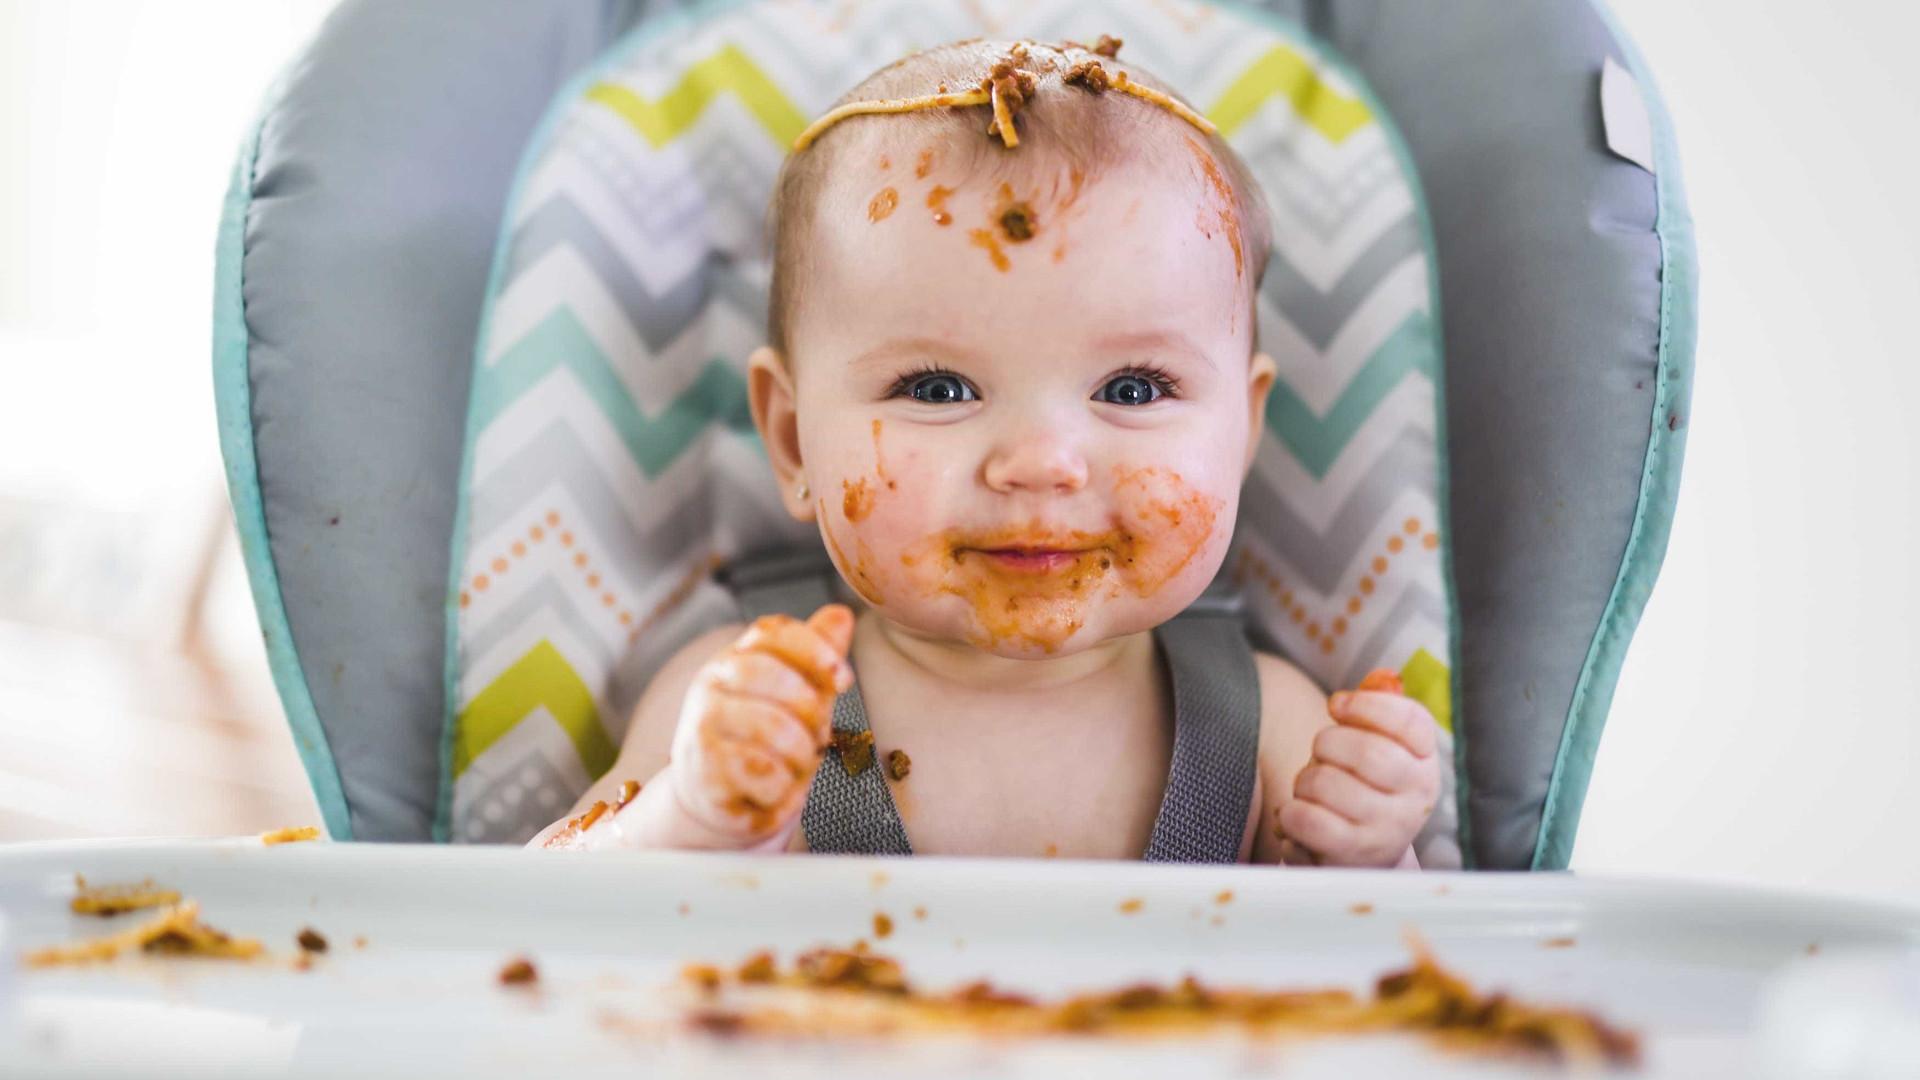 Saiba o melhor jeito de fazer comida saudável para o seu bebê